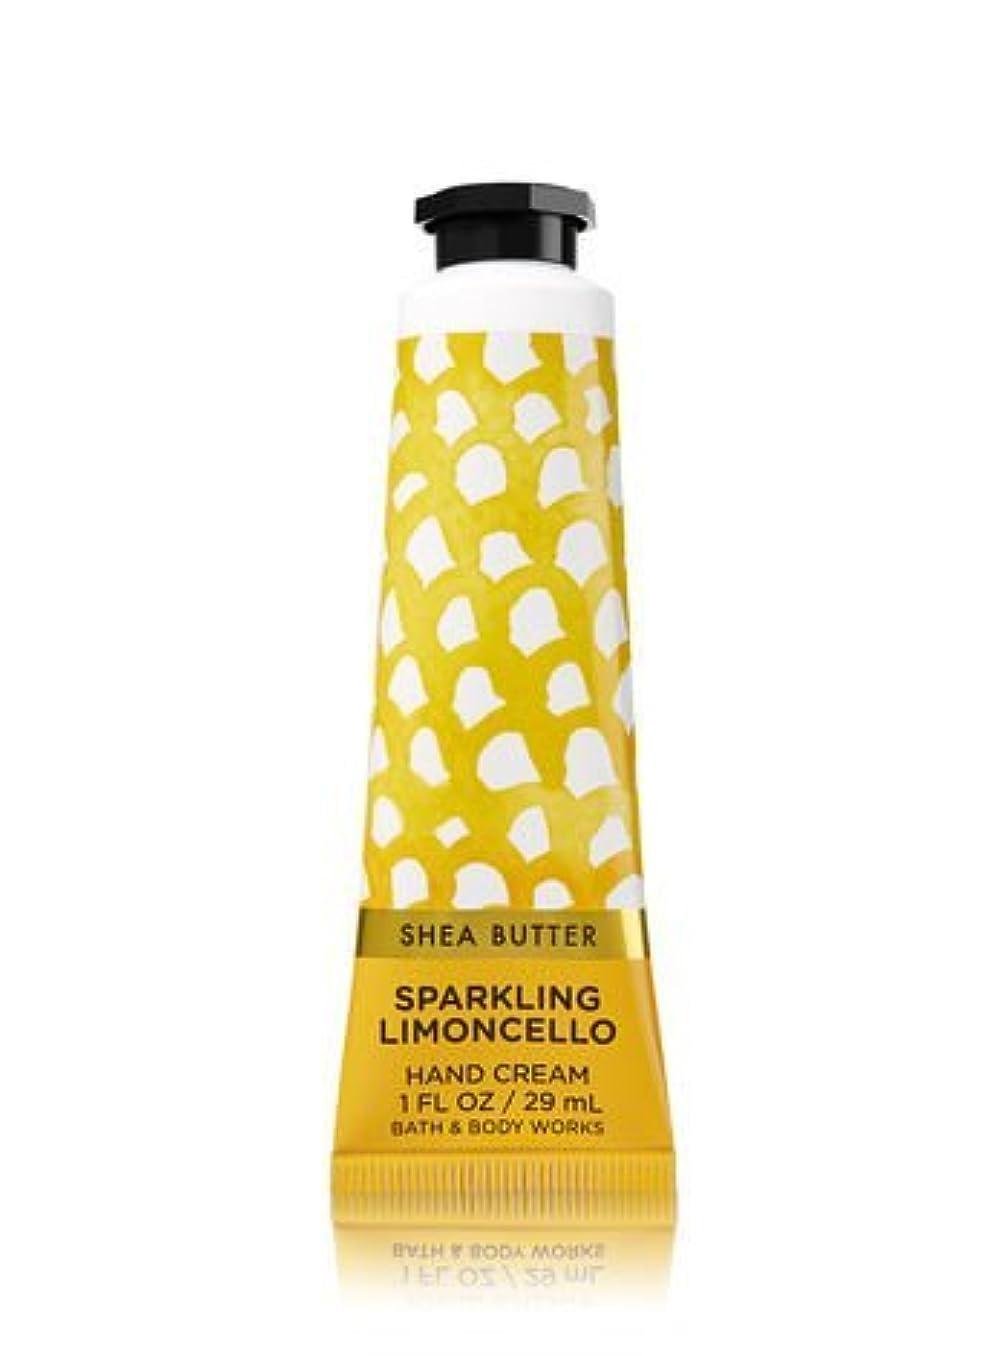 爆弾講師韻【Bath&Body Works/バス&ボディワークス】 シアバター ハンドクリーム スパークリングリモンチェッロ Shea Butter Hand Cream Sparkling Limoncello 1 fl oz...